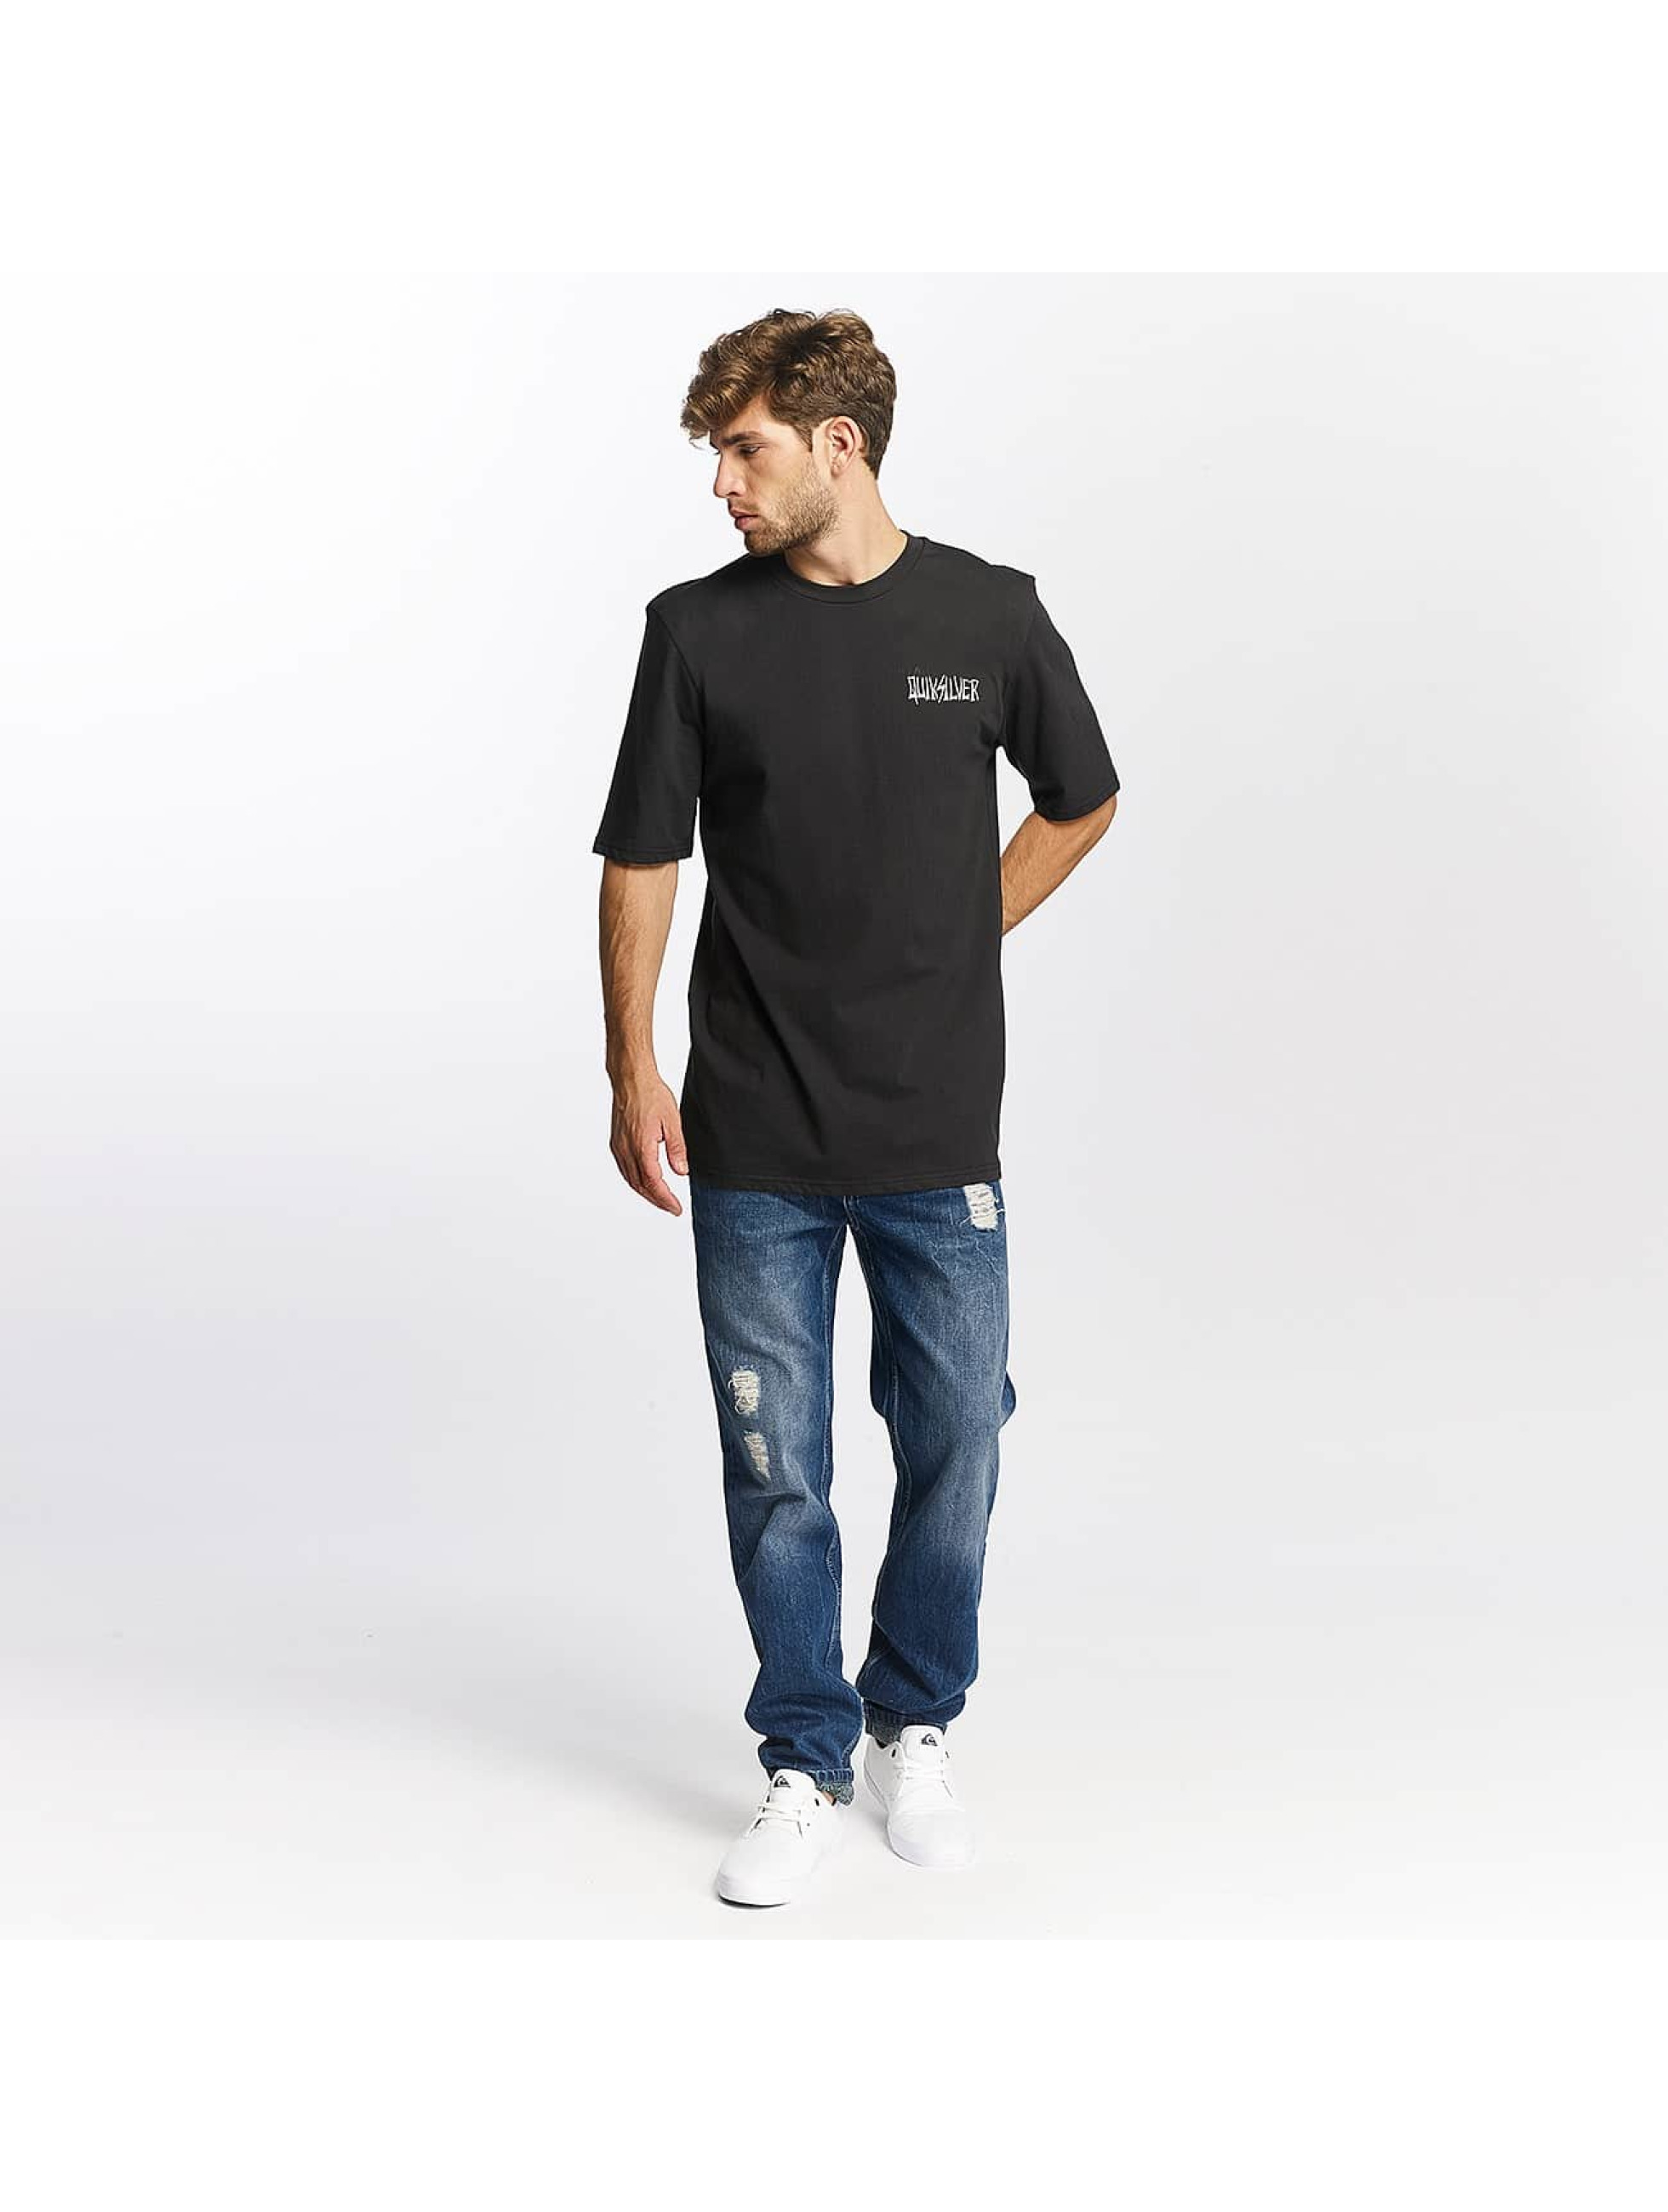 Quiksilver T-shirt Neon Tendencies nero